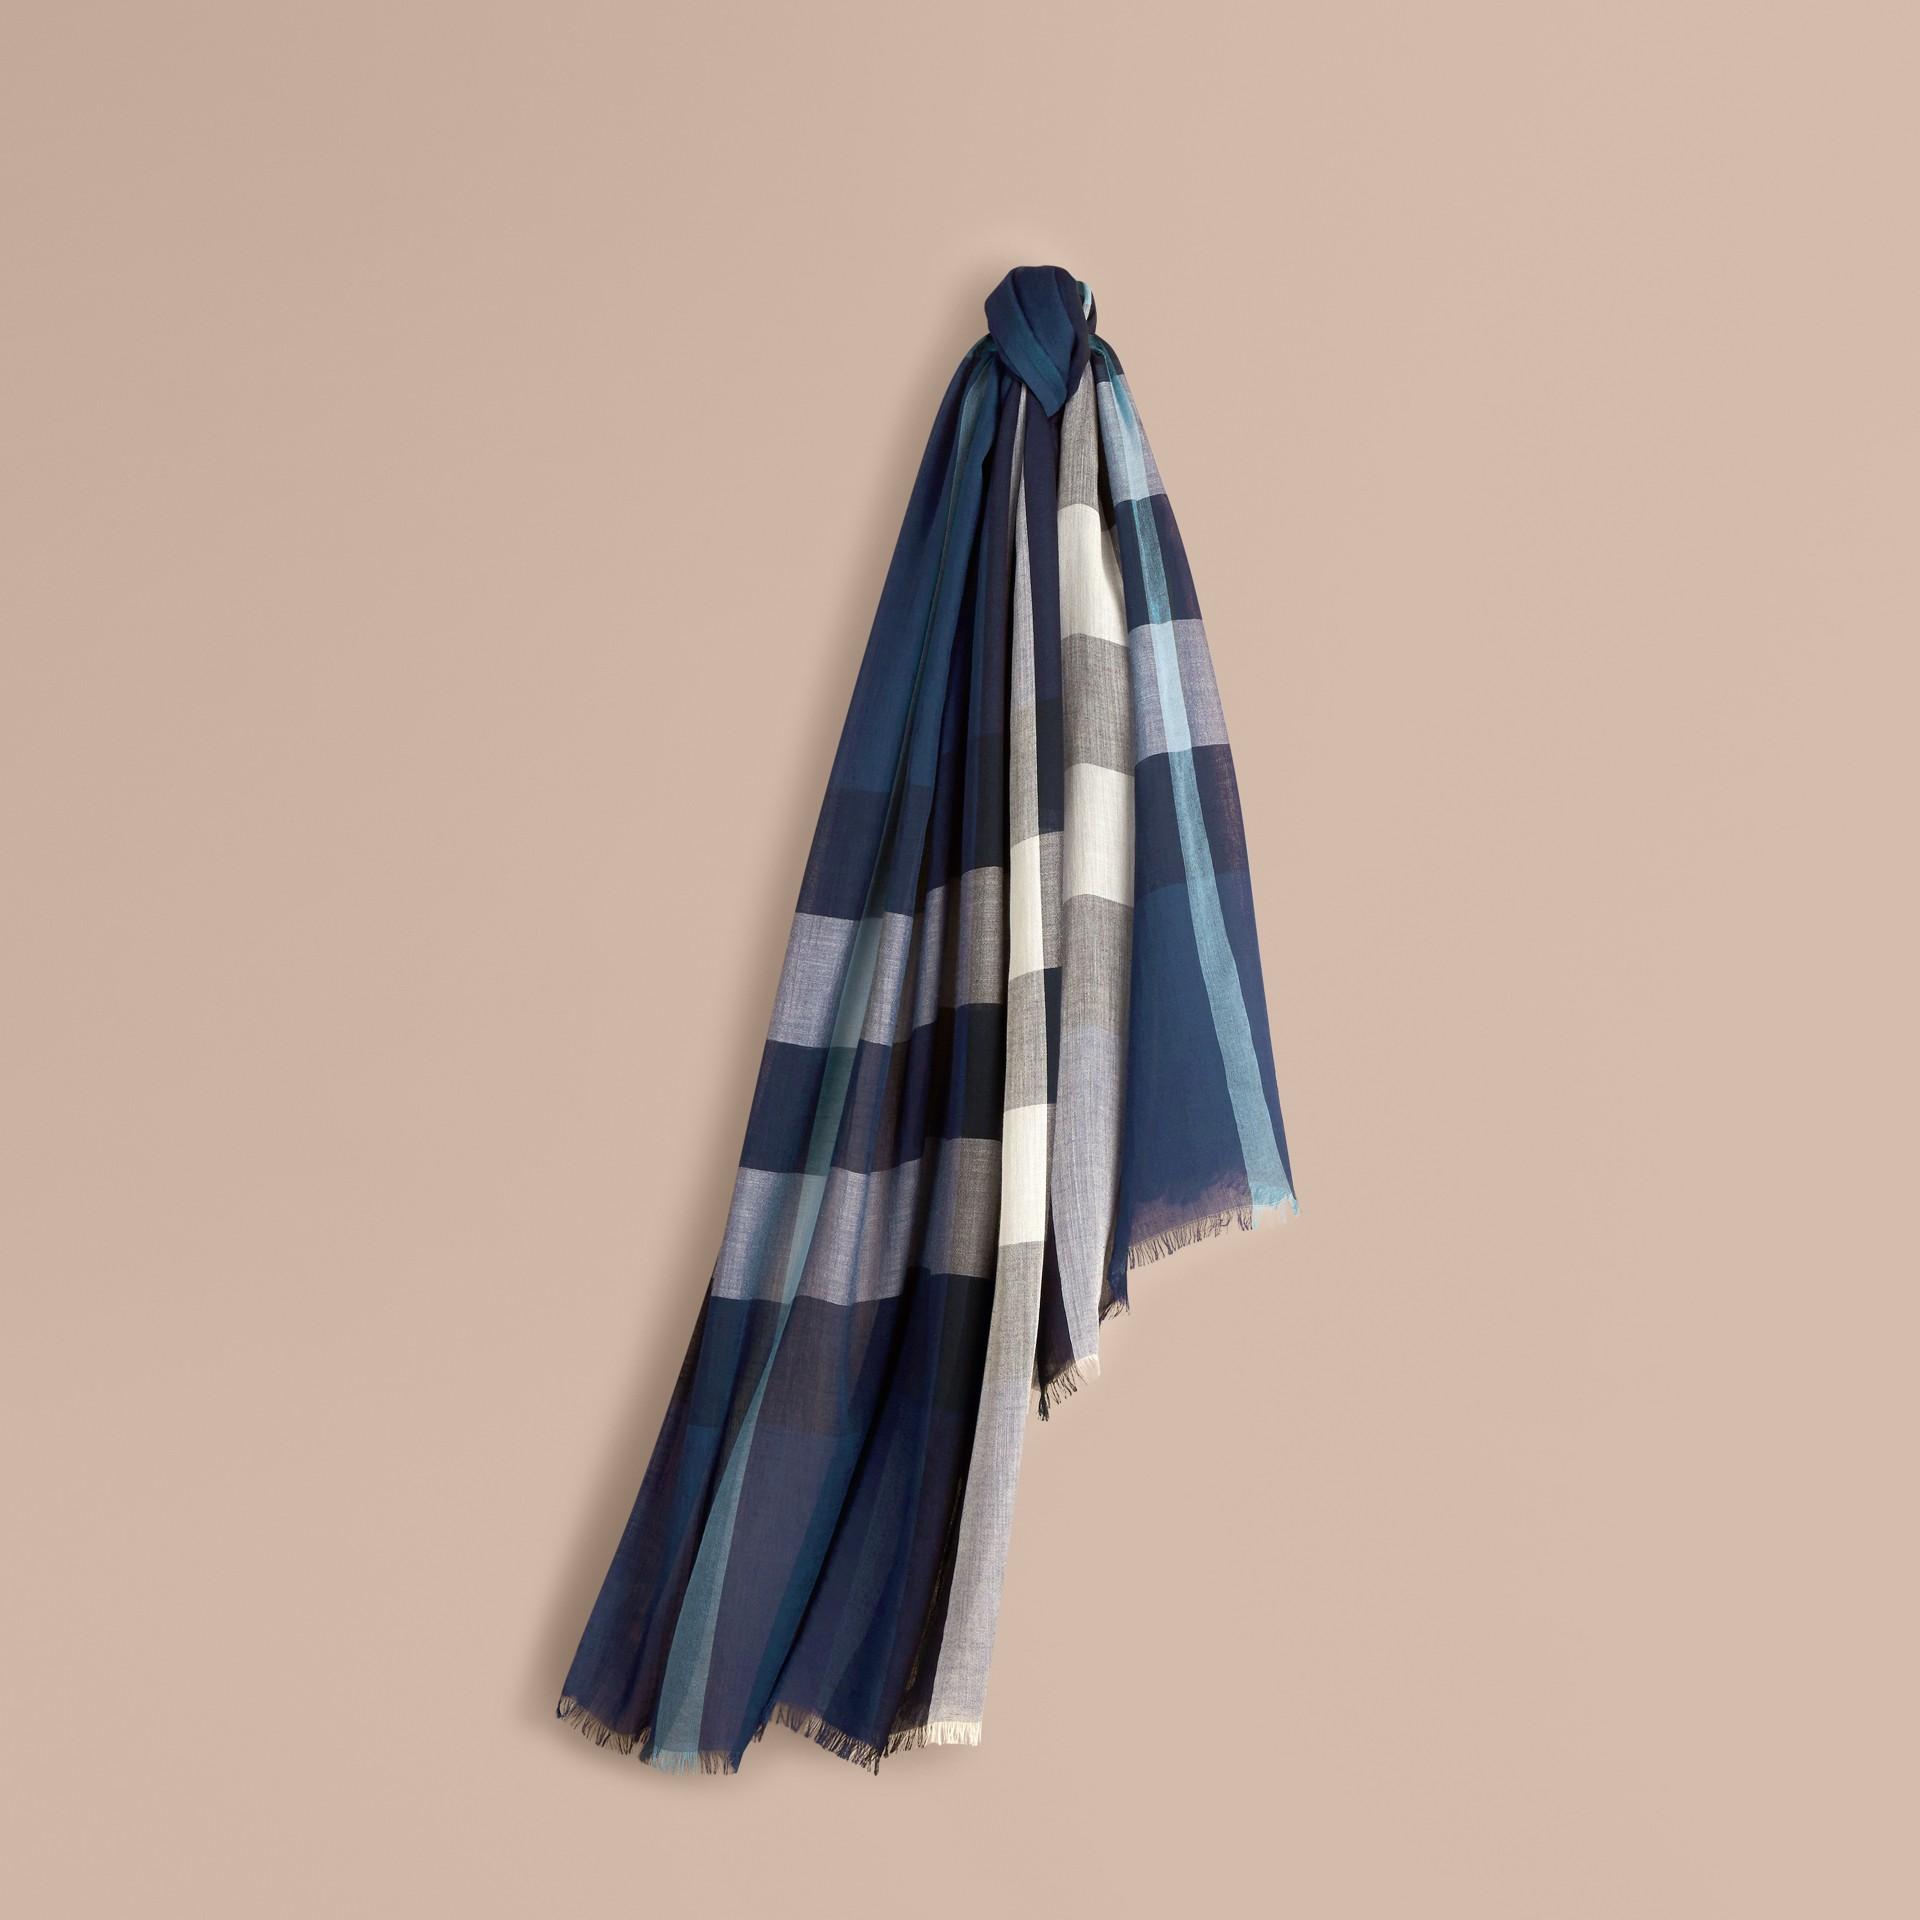 Indigo blue Check Modal Cashmere and Silk Scarf Indigo Blue - gallery image 1